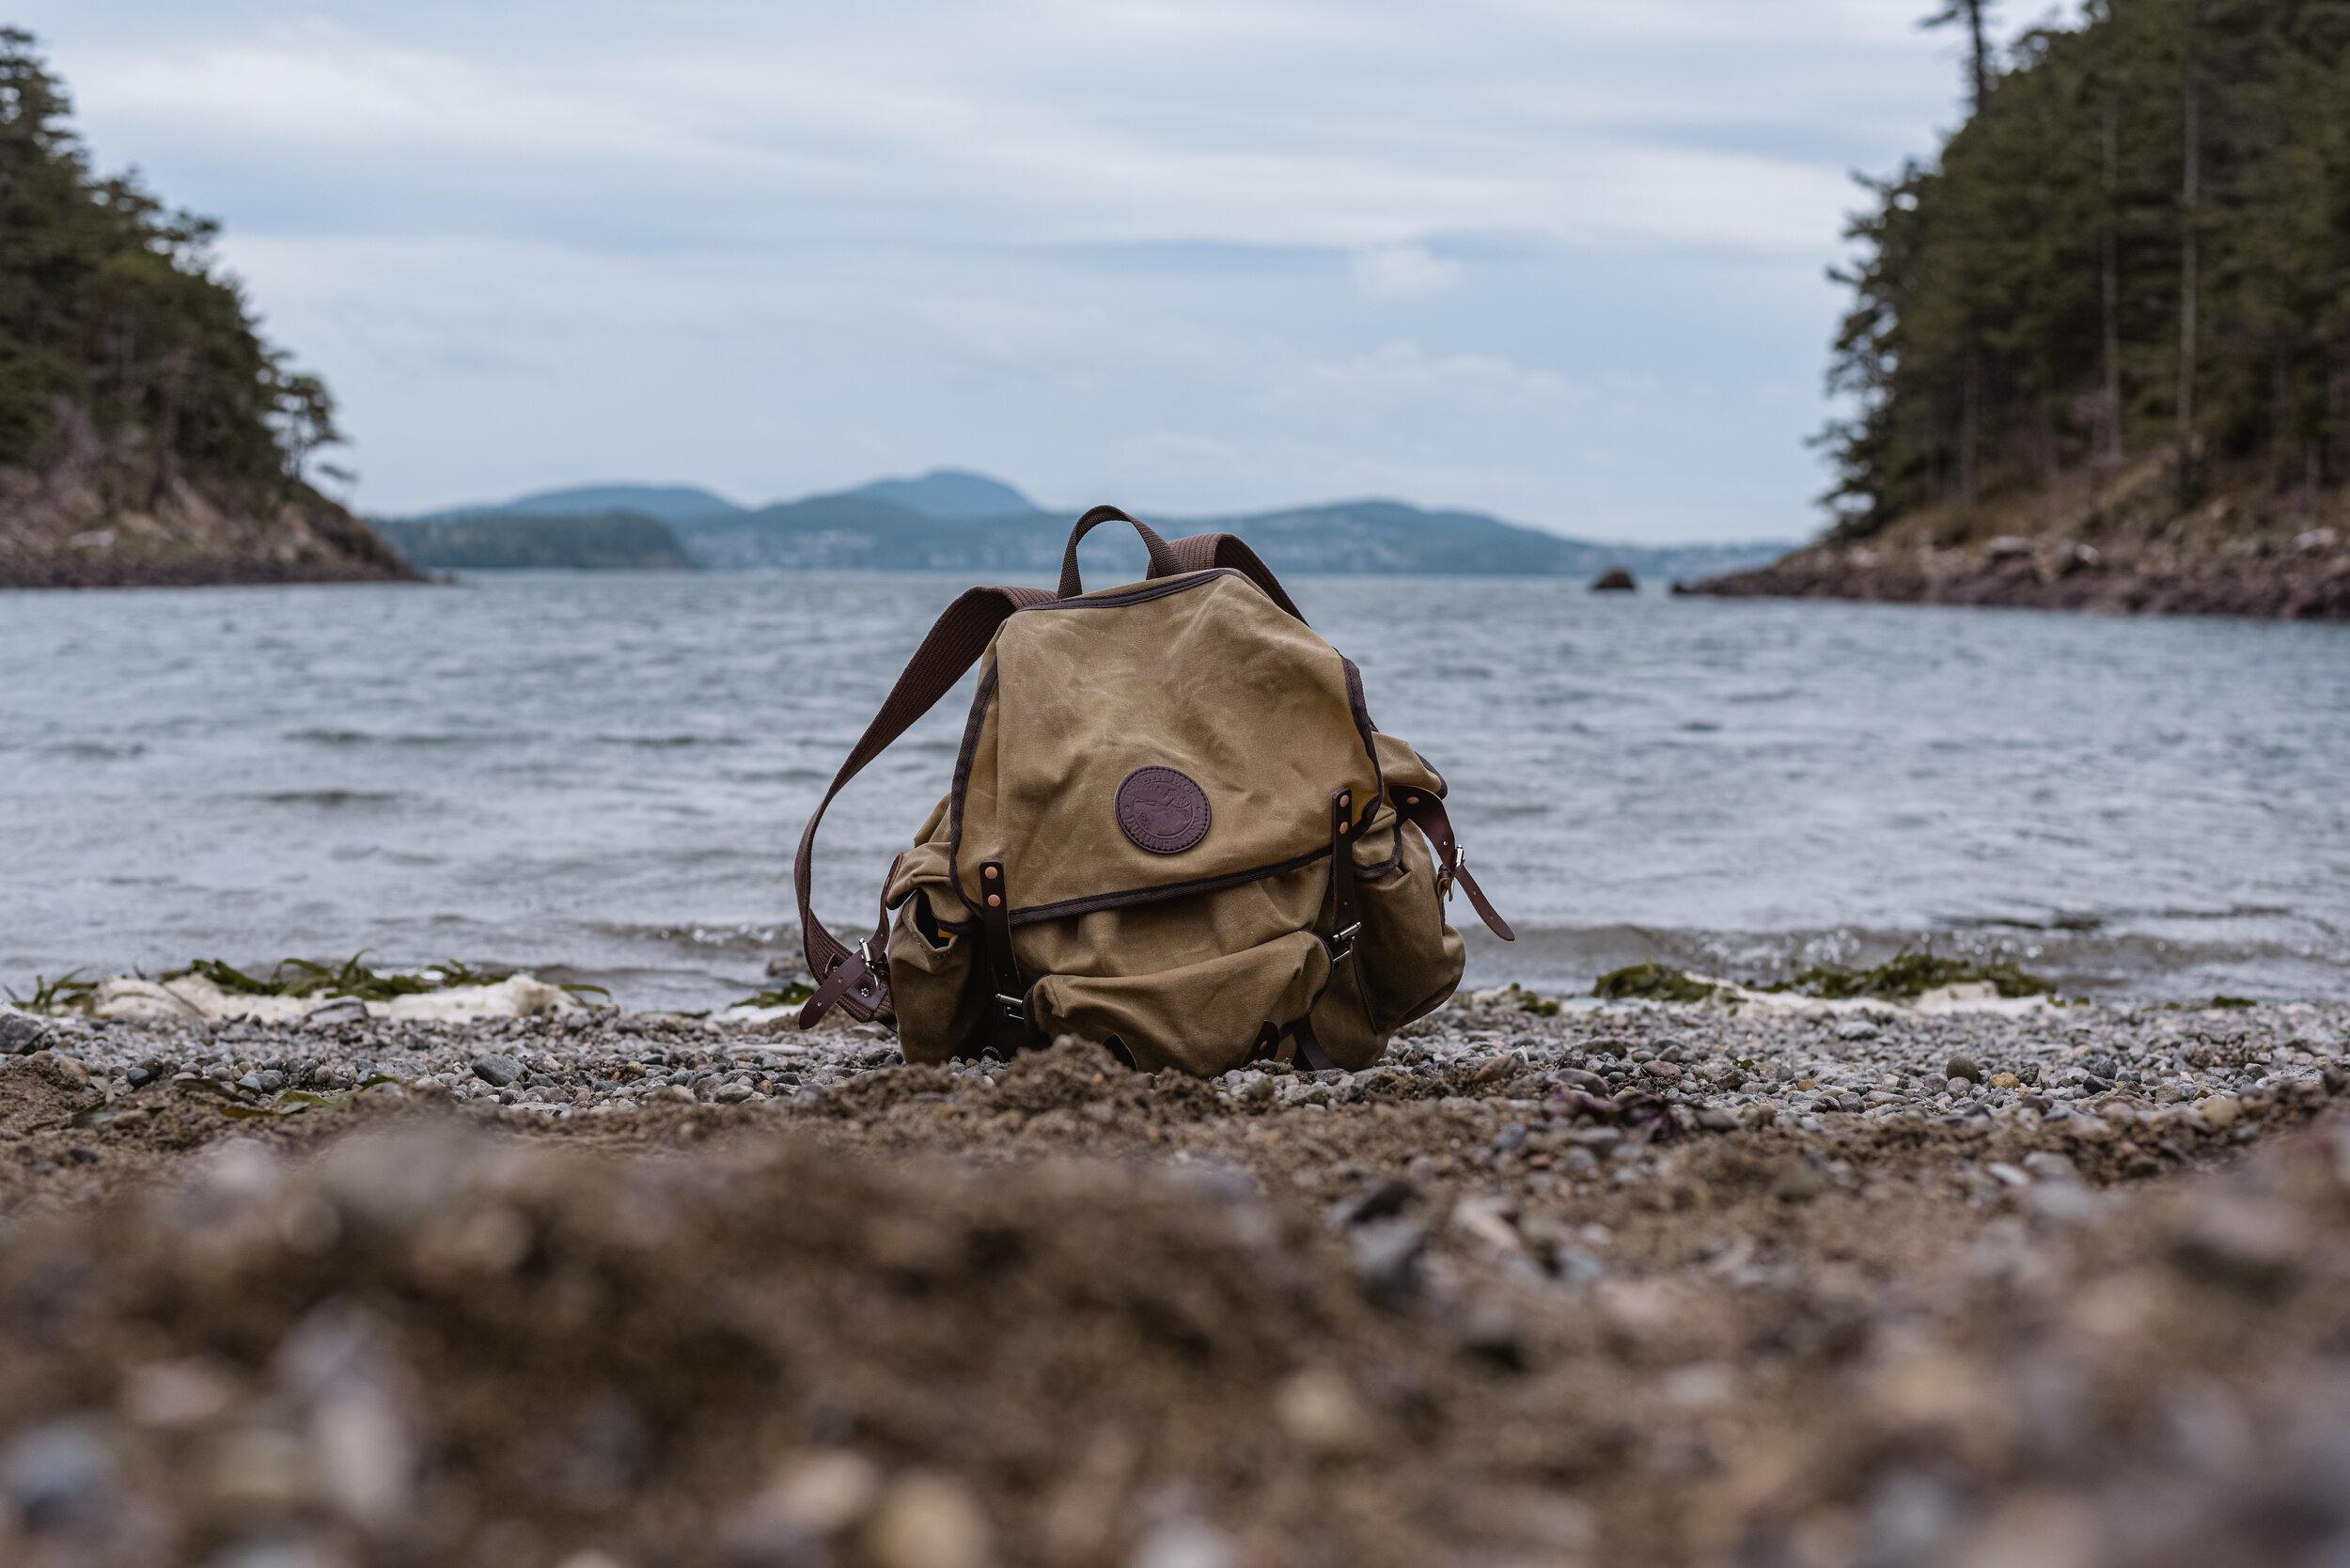 duluth pack - wanderer